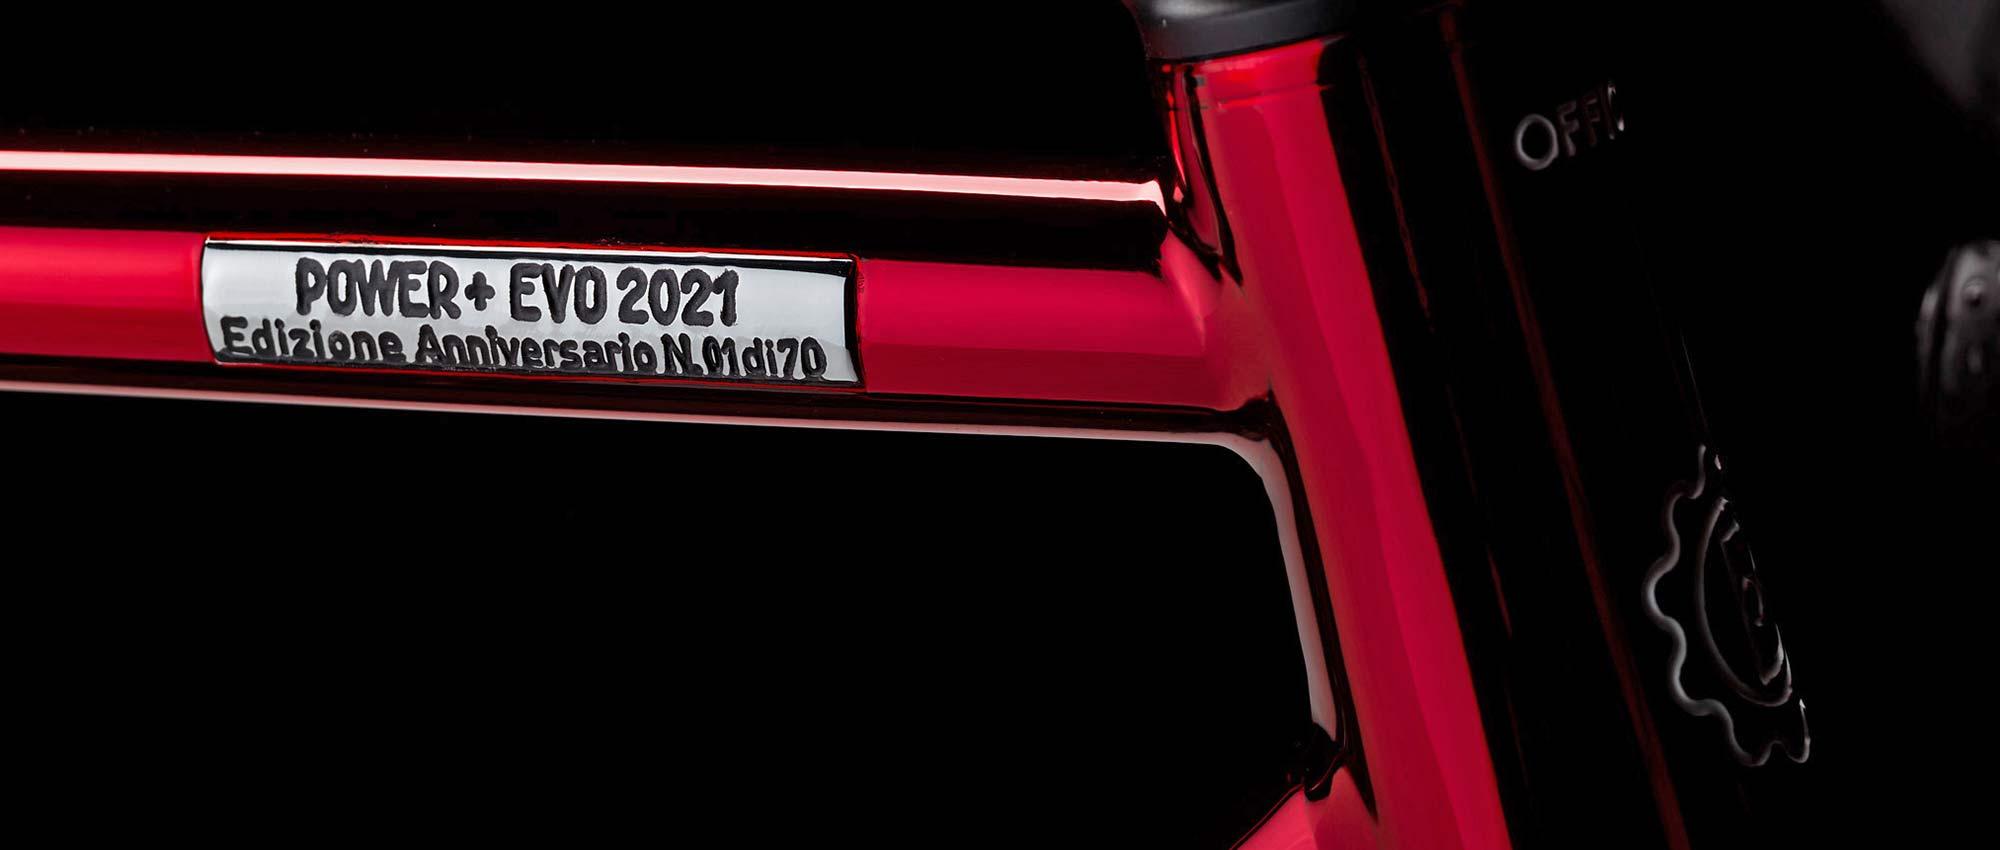 2021 Battaglin Power Plus EVO Edizione Anniversario custom Italian steel integrated road bike, 40th anniversary limited edition badge